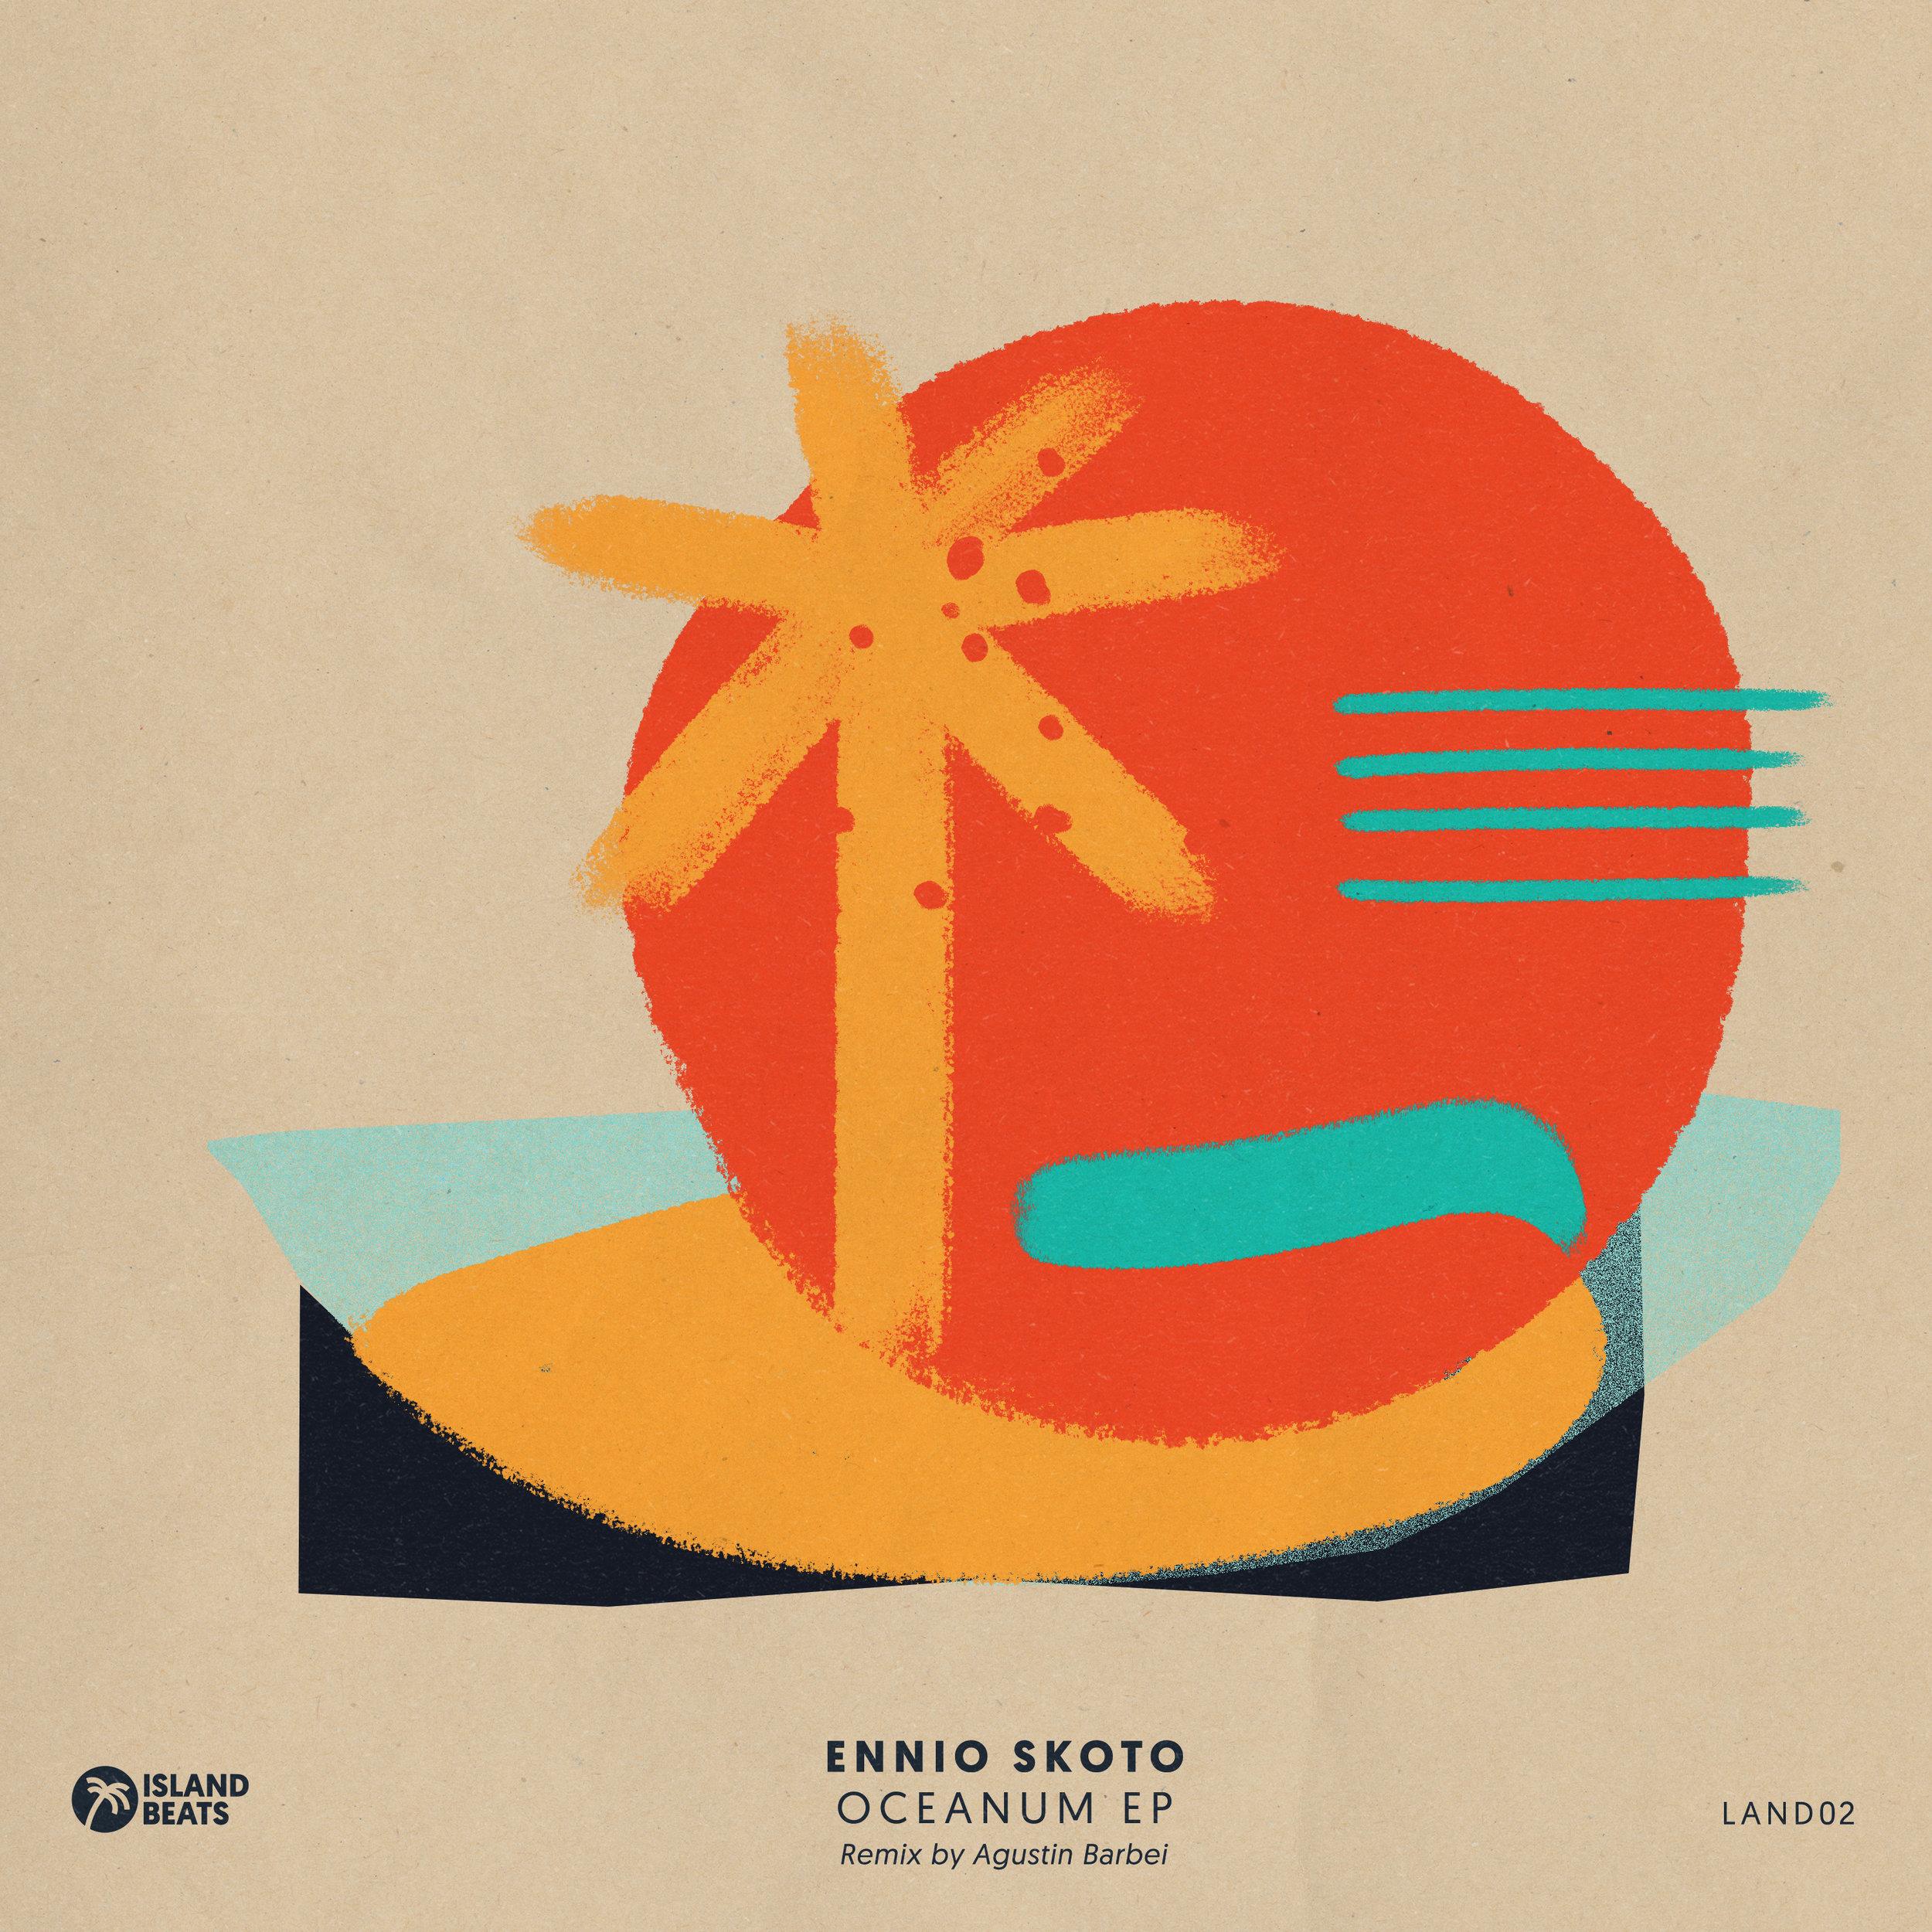 Ennio Skoto - Oceanum - Remix by Agustin Barbei